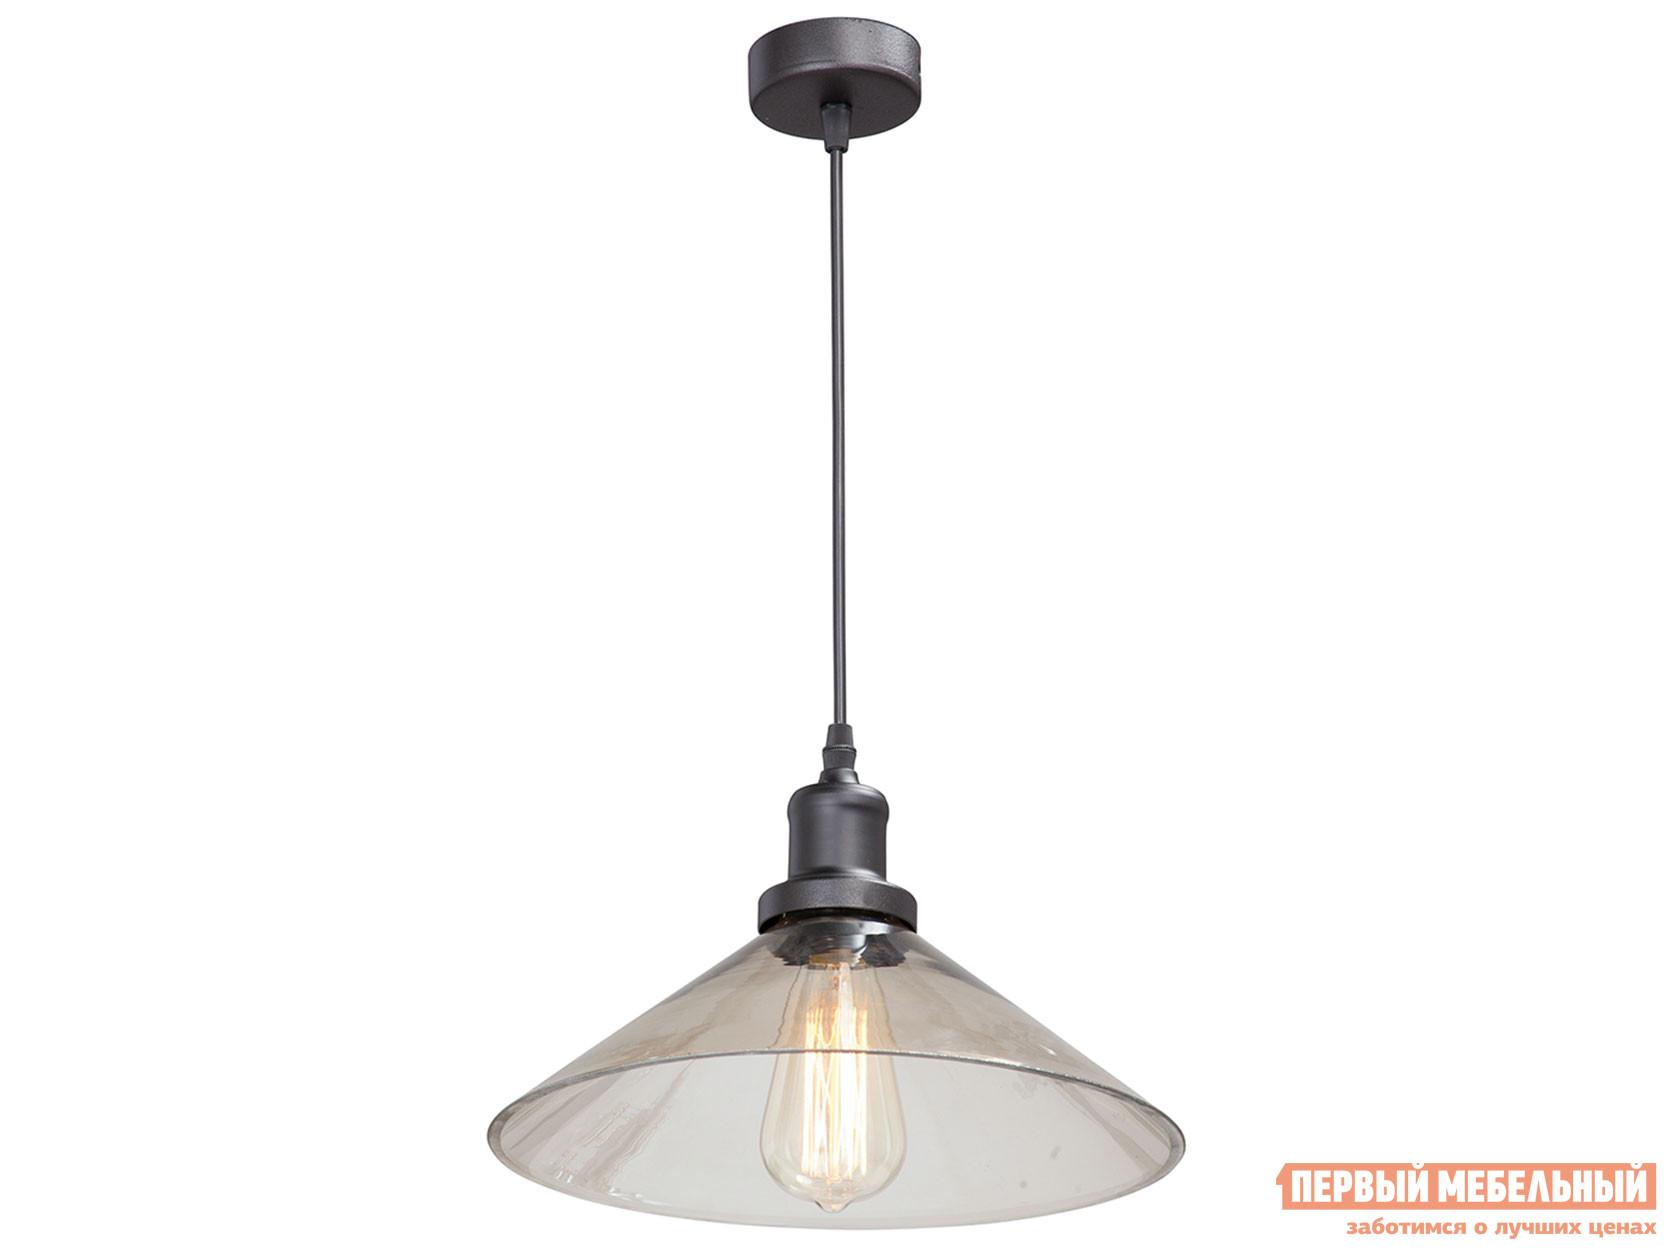 Подвесной светильник КСК-электро Люстра V4512-1/1S